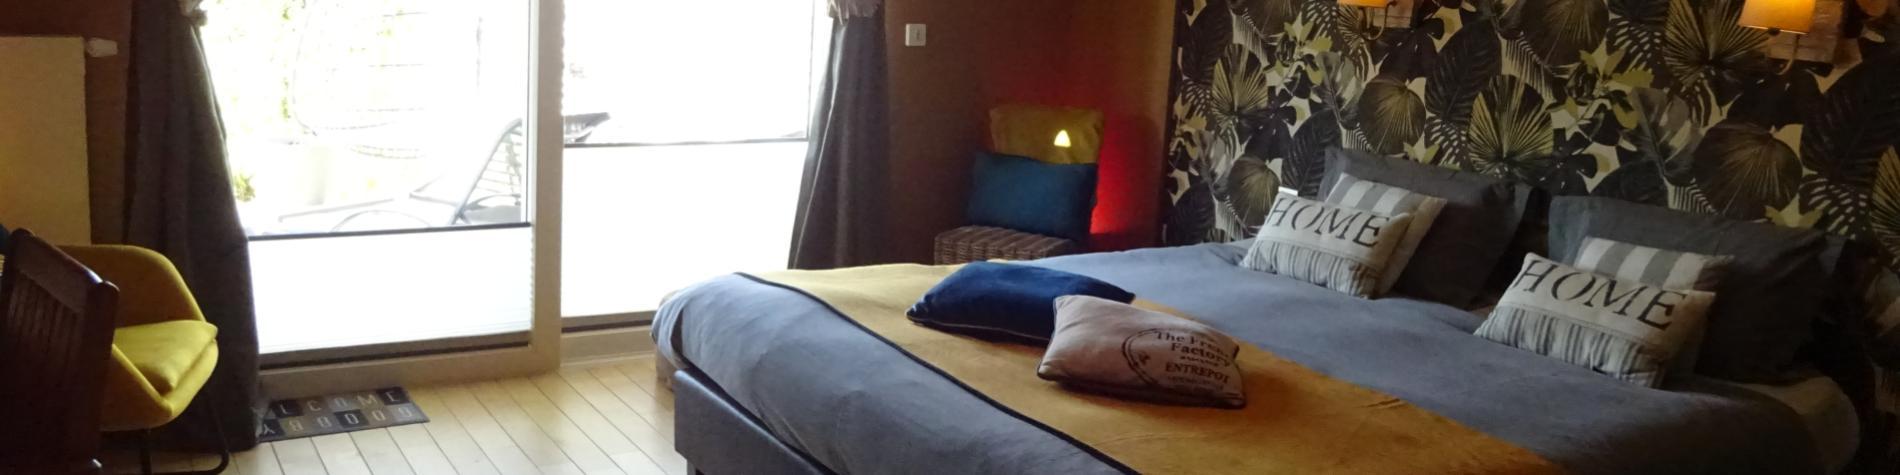 Chambre d''hôtes - l'Inattendue - Bertrix - Réflexologie - Mindfulness-Massage crânien- Soin Bol Tibétain-Soin aux Huiles Essentielles